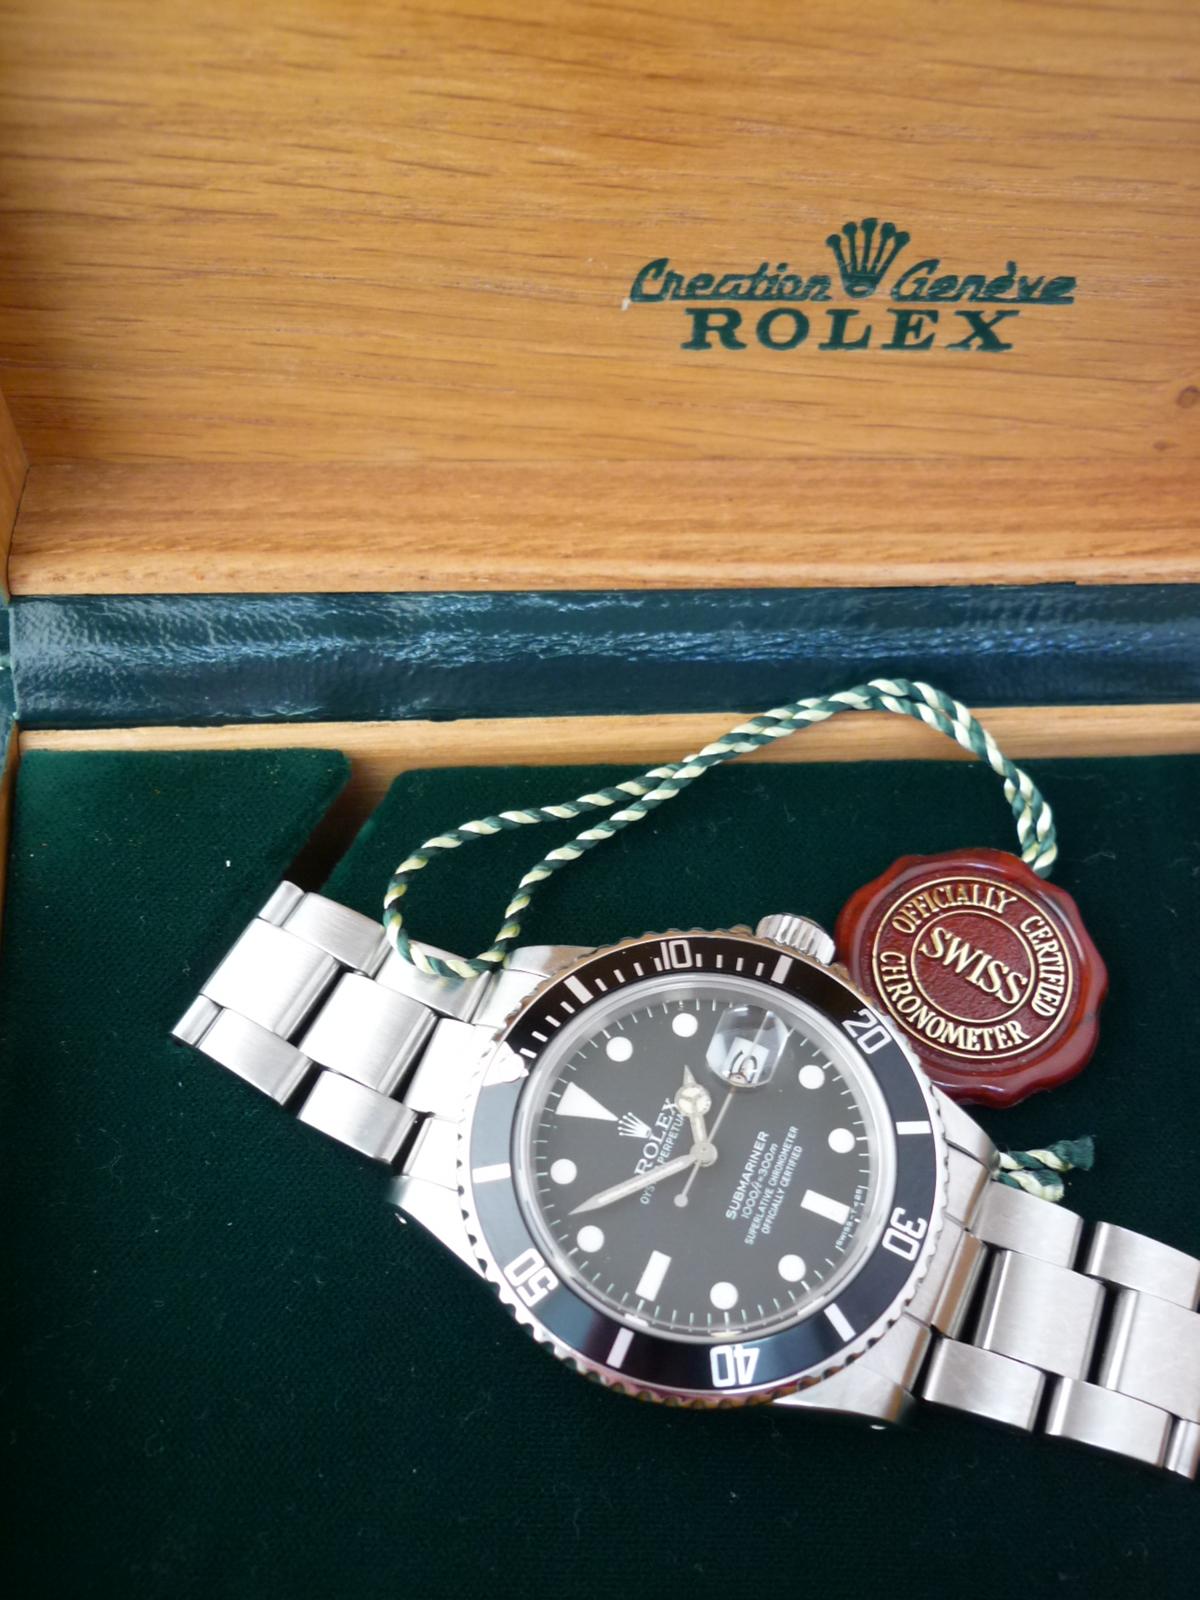 Rolex Submariner watch ref 16800 (1981)